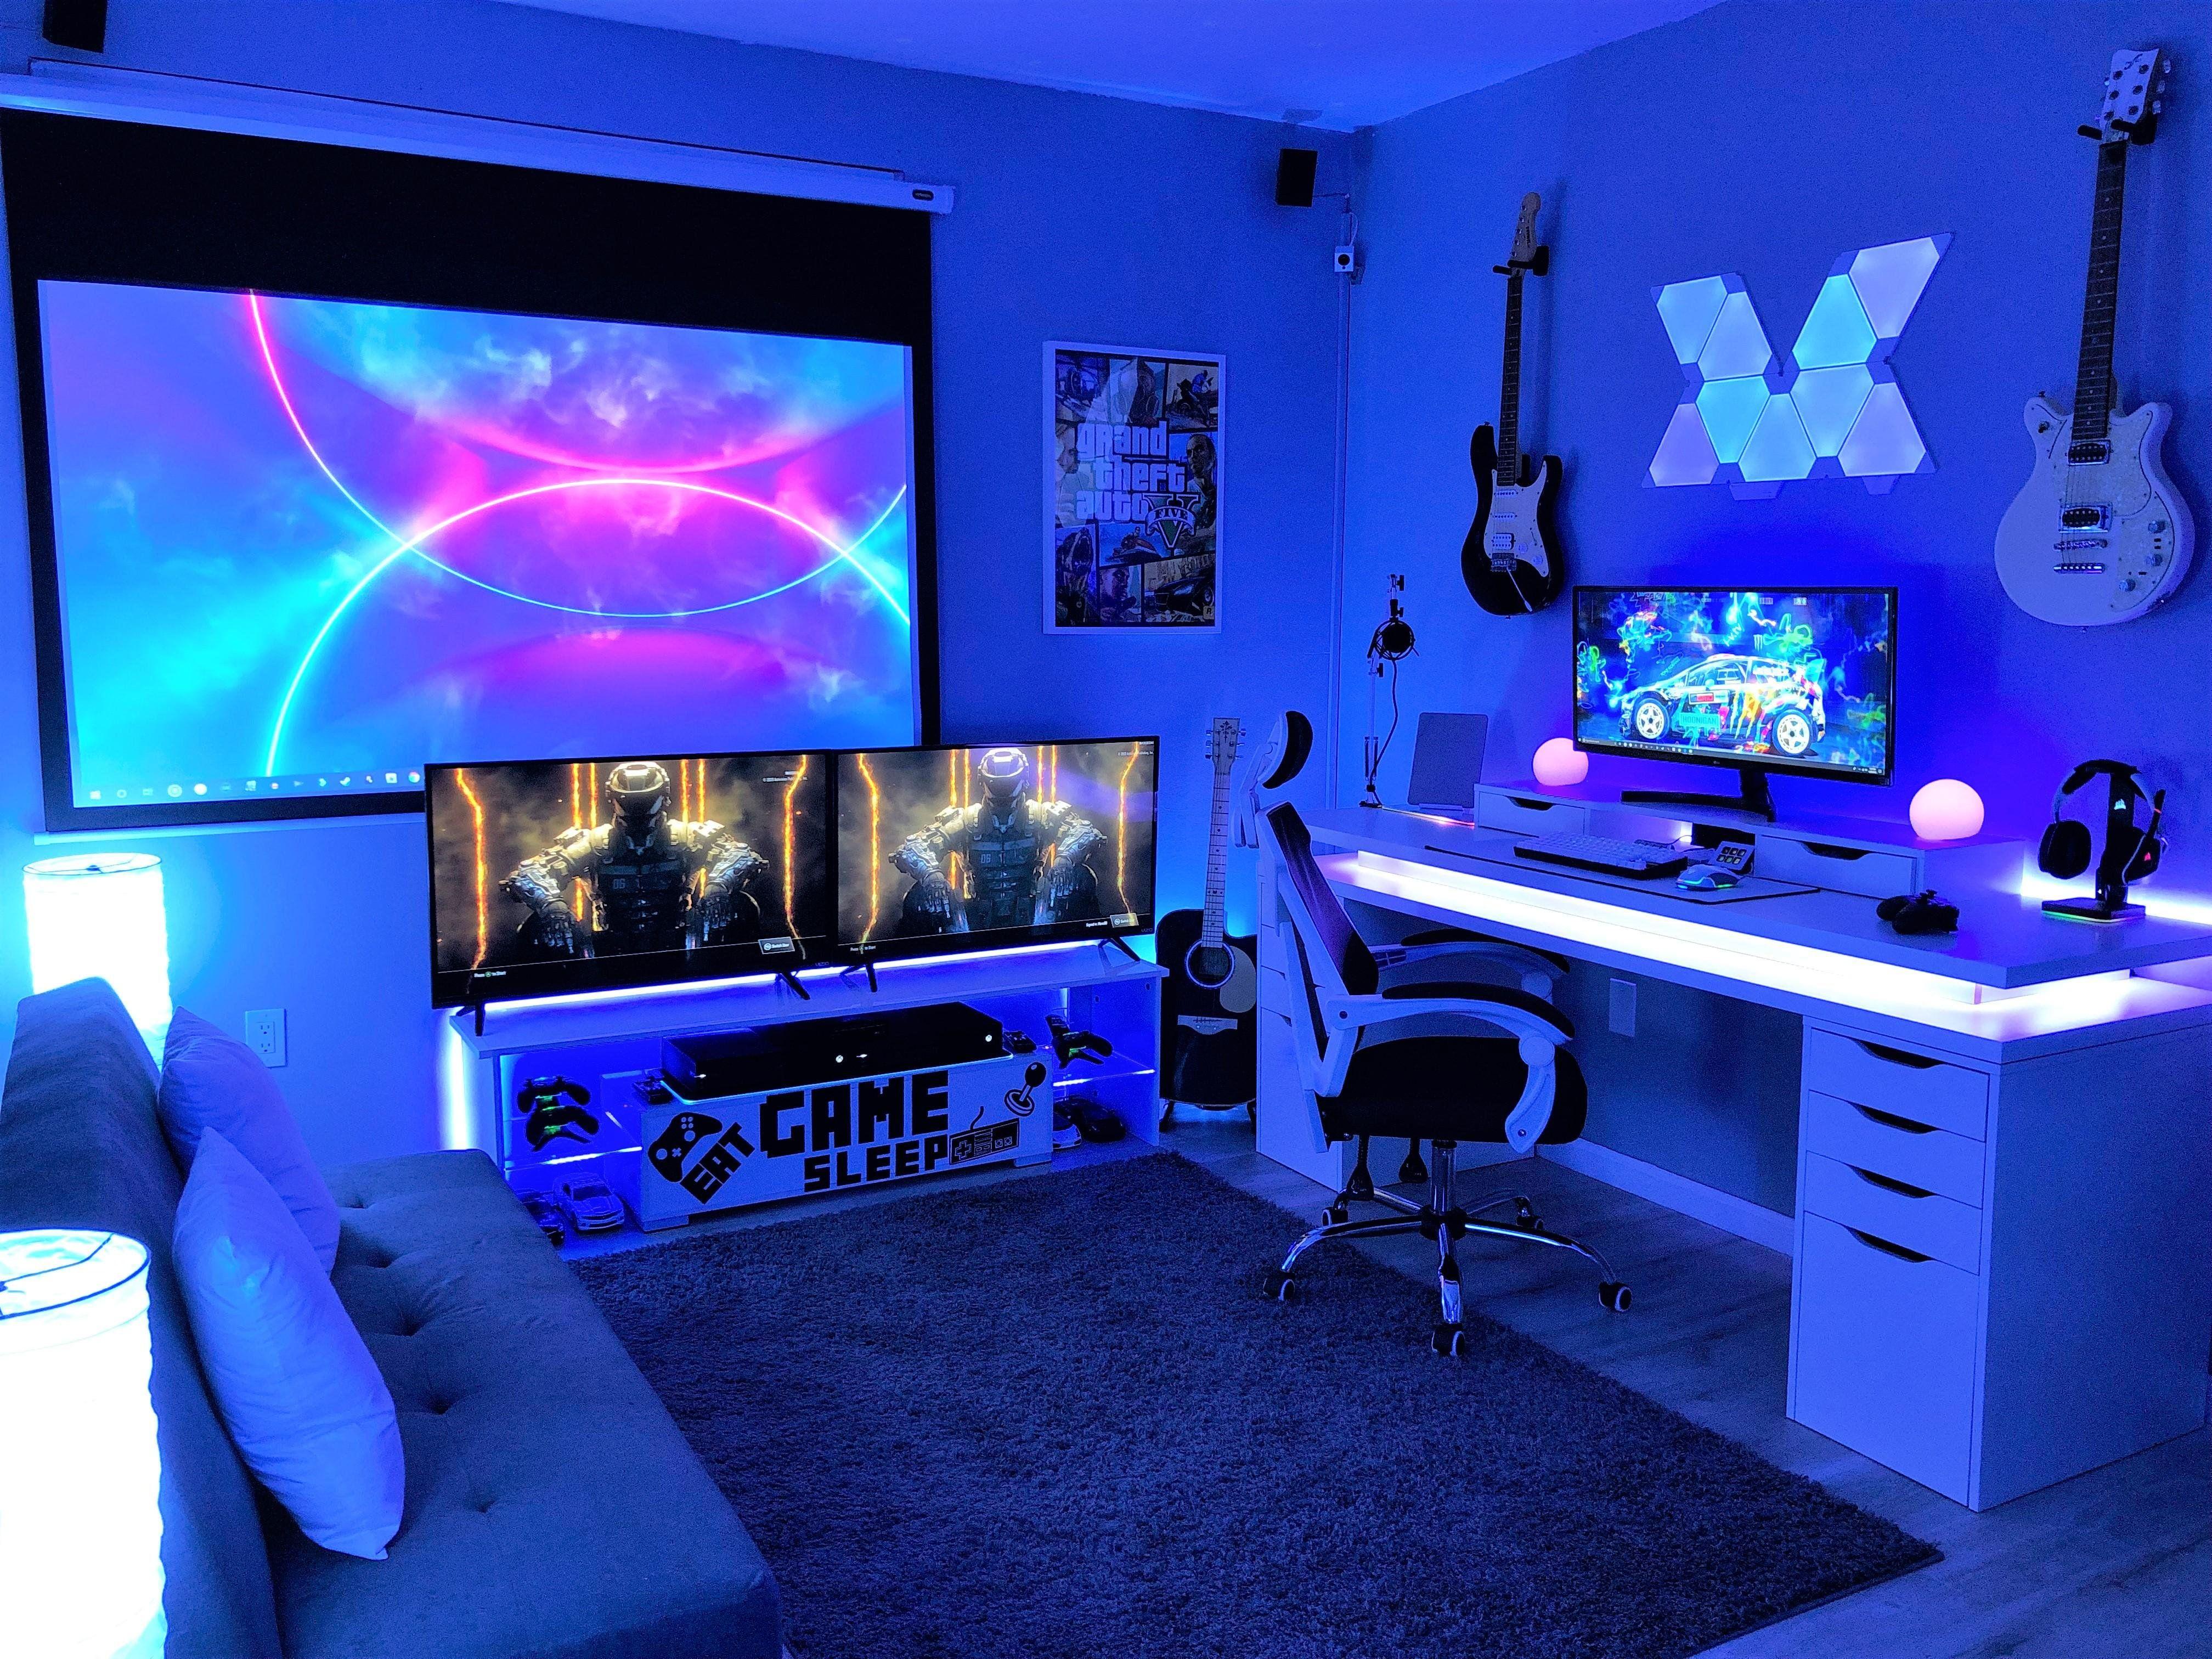 Richi 81 Gaming Room Setup Game Room Design Black Light Room